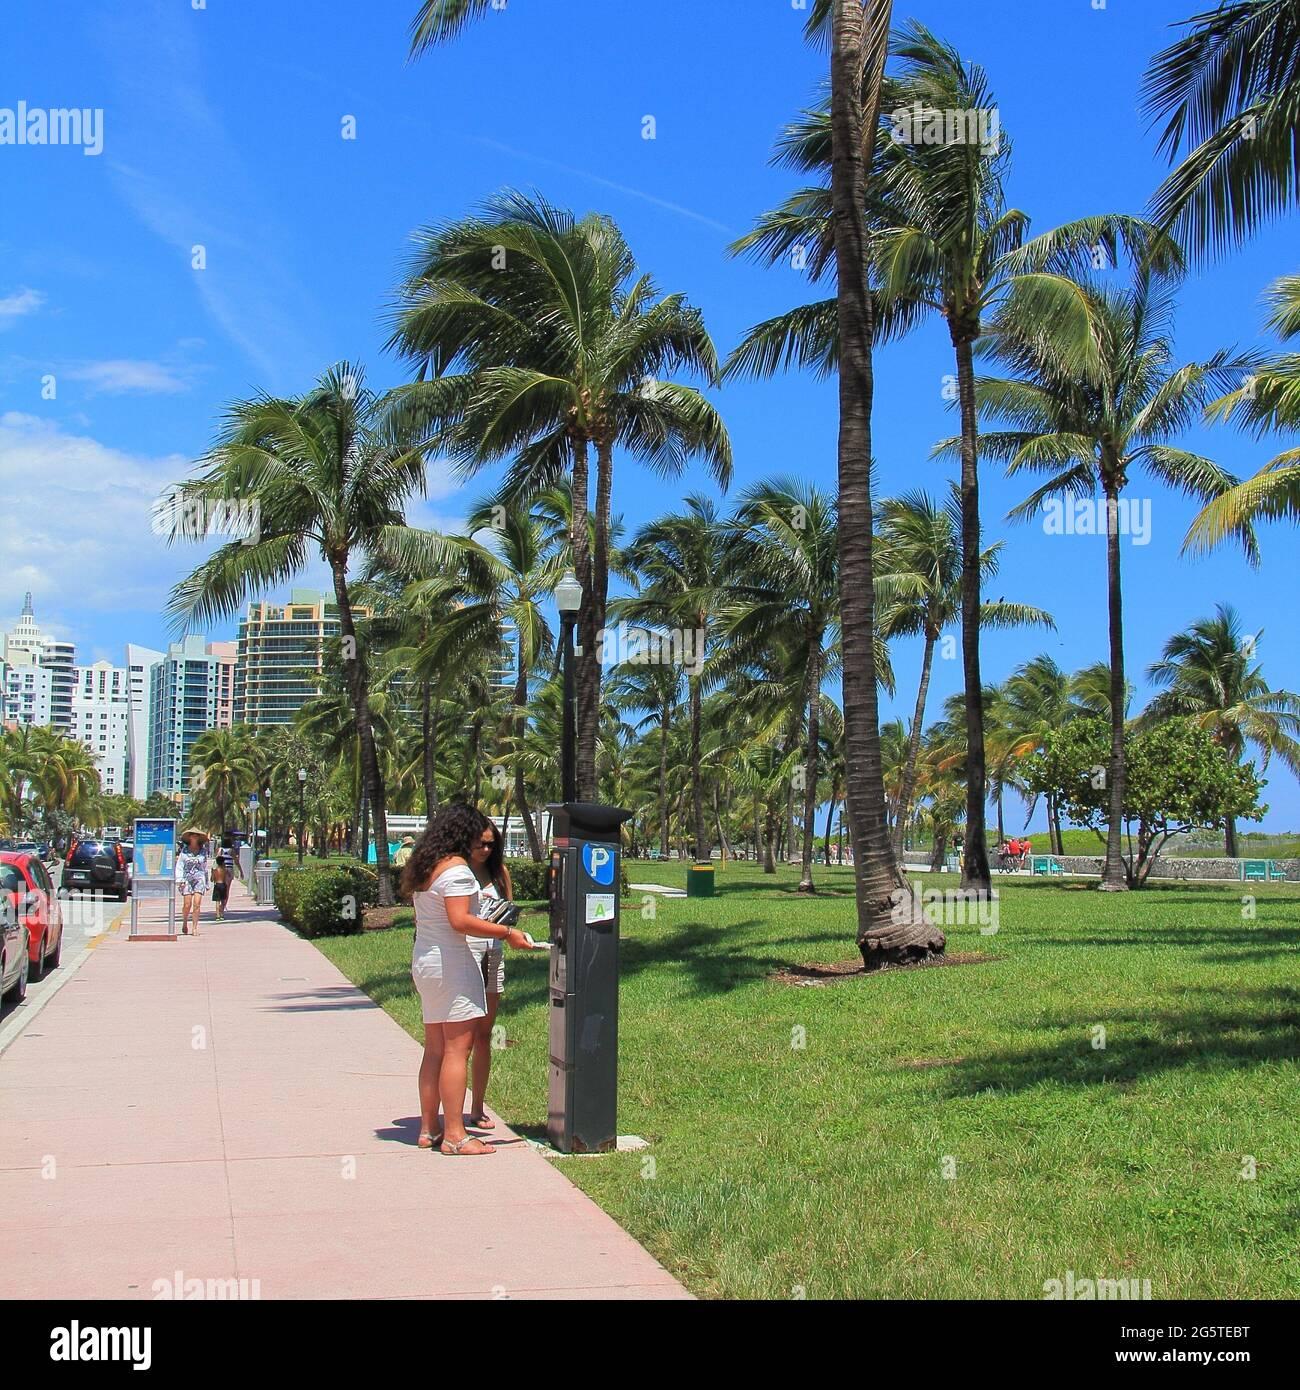 Miami, Floride - 09 09 2012: Scène urbaine près de la rue Ocean Drive Banque D'Images